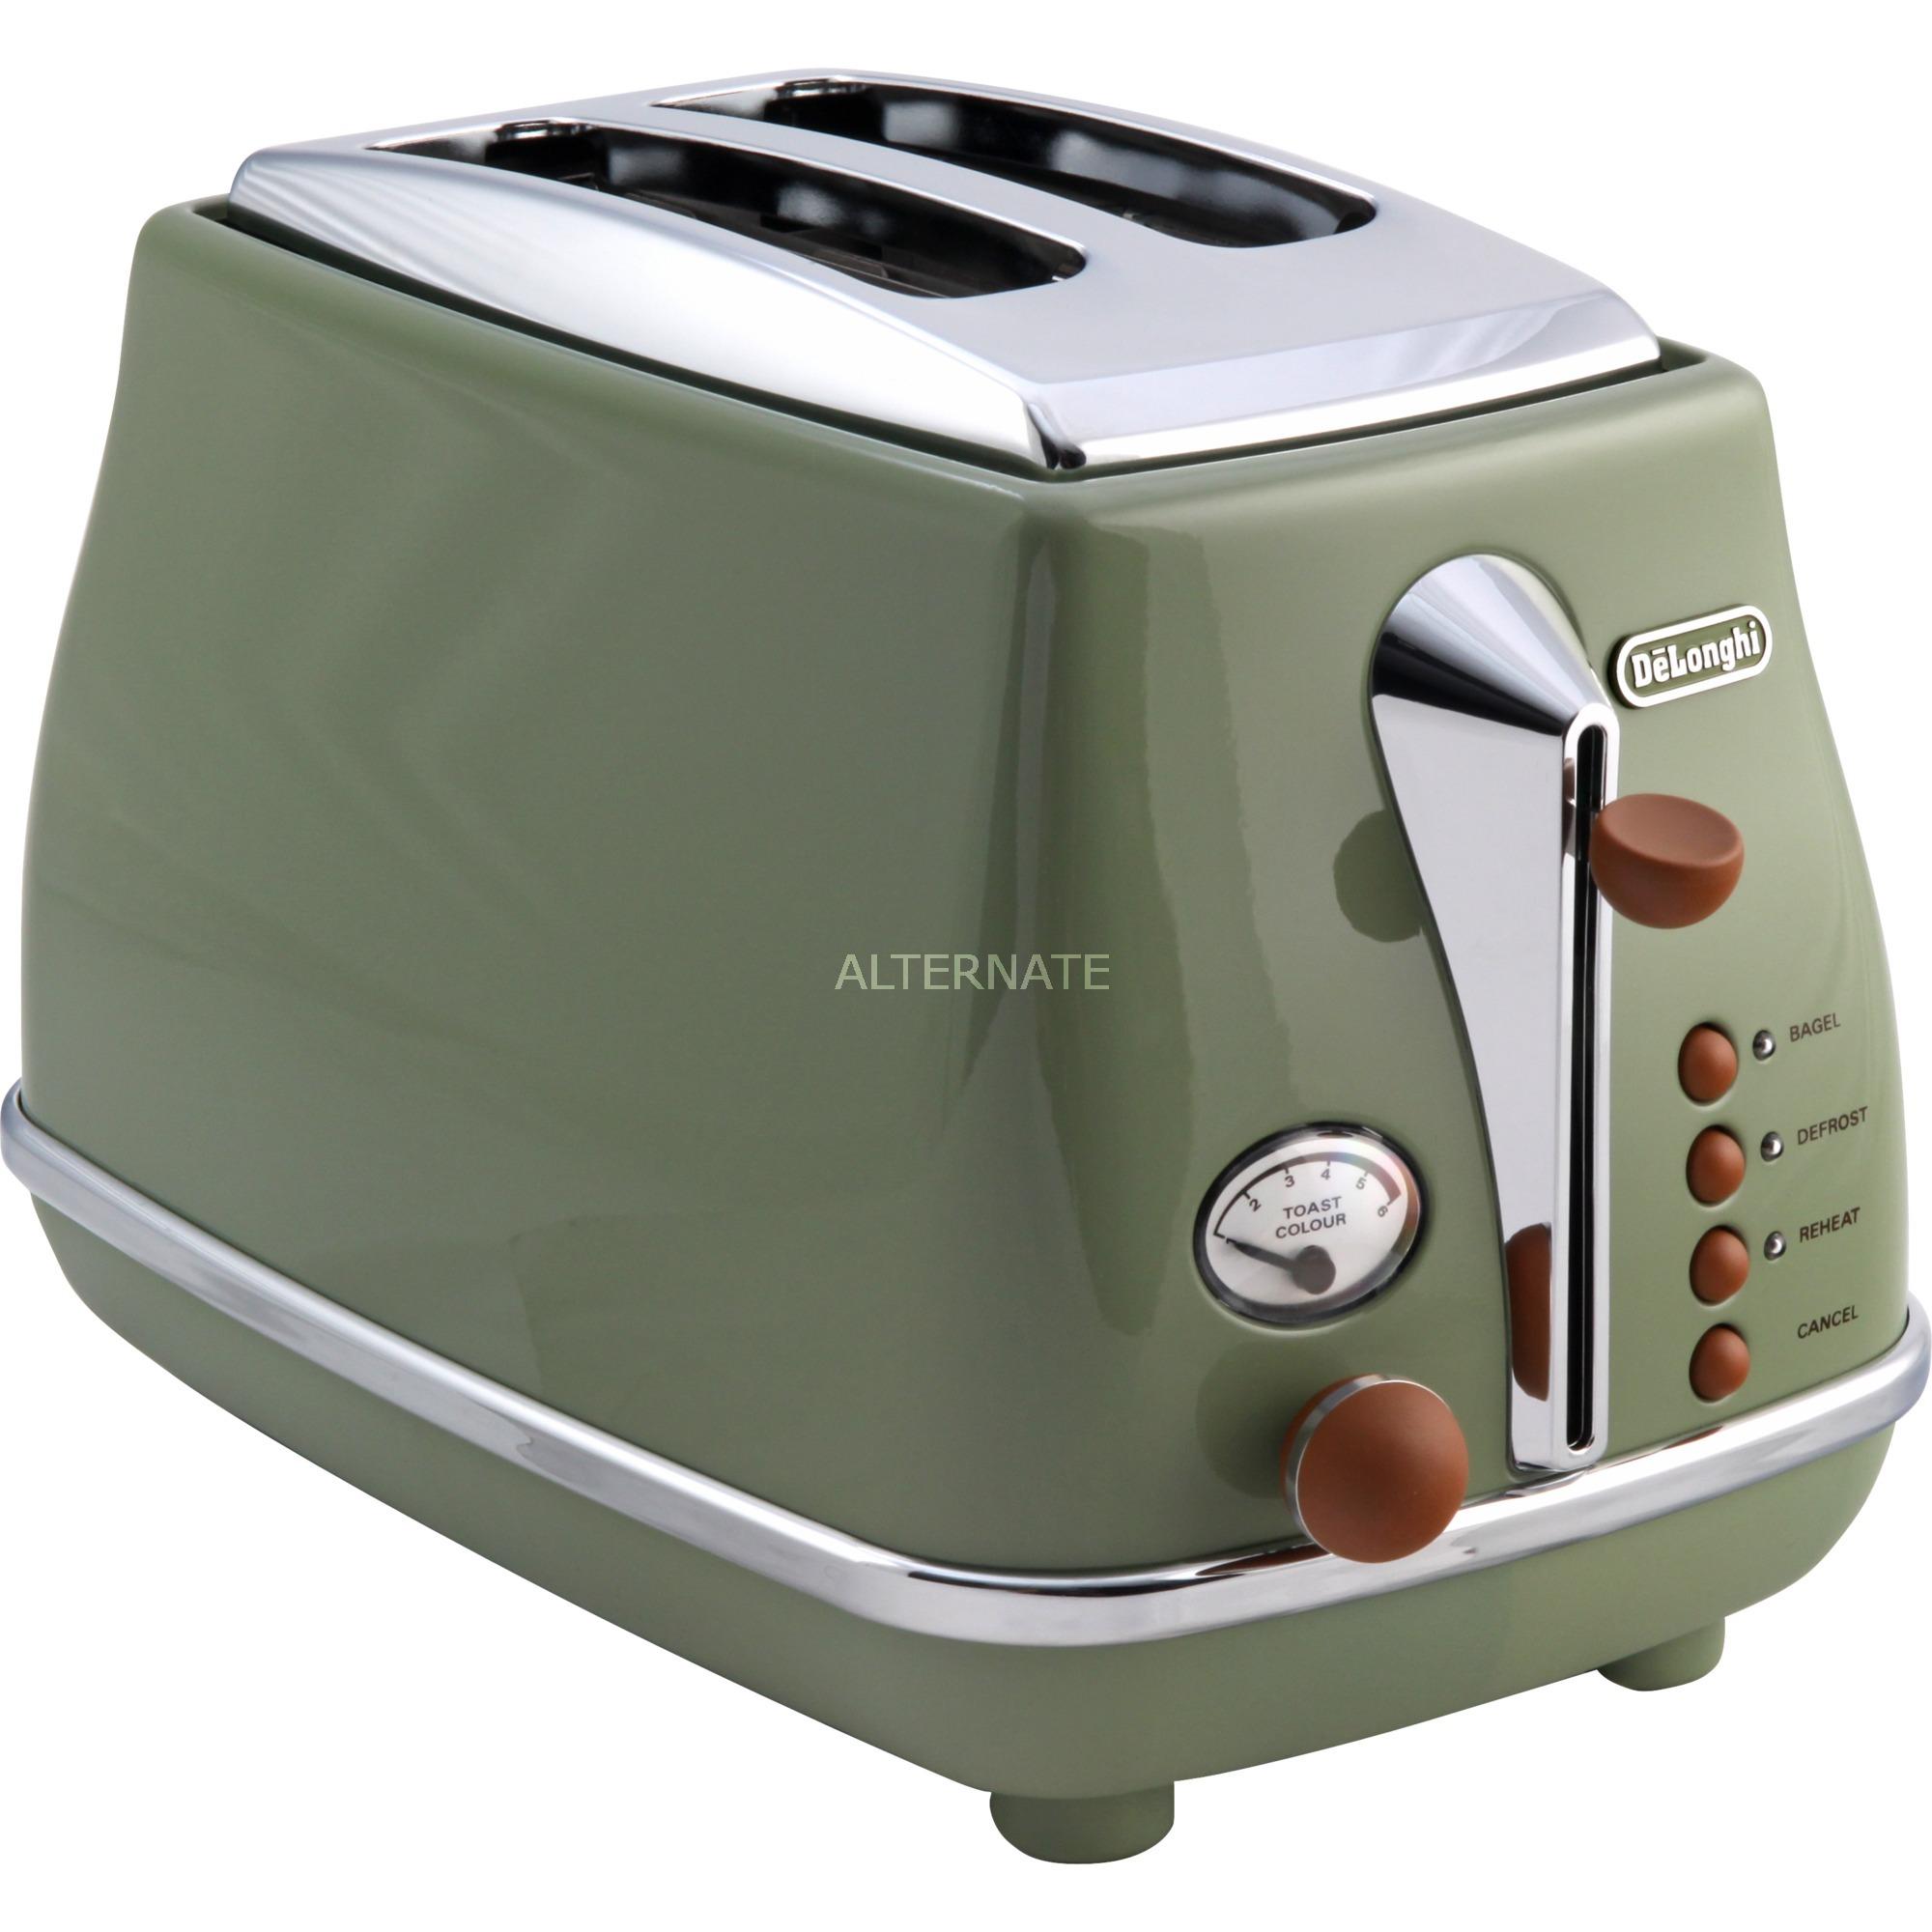 CTOV 2103.GR tostadora 2 rebanada(s) Verde 900 W